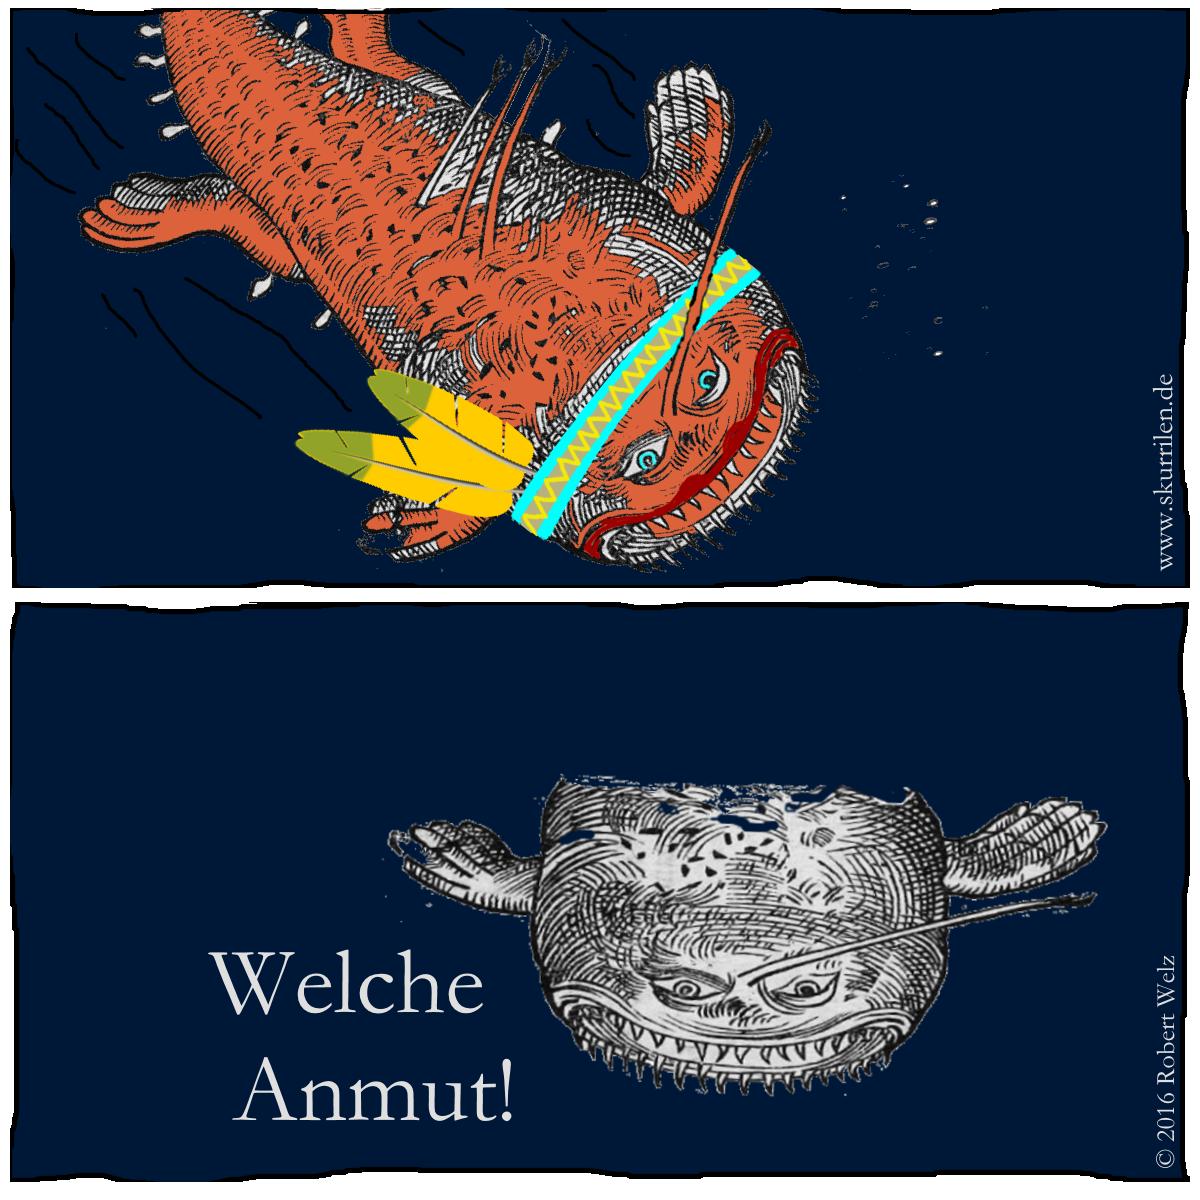 Femme fatale oder Fisch fatale? Satire im offenen Ozean. Das Seeungeheuer im Dienst Ihrer Majestät ist ganz hin und weg.